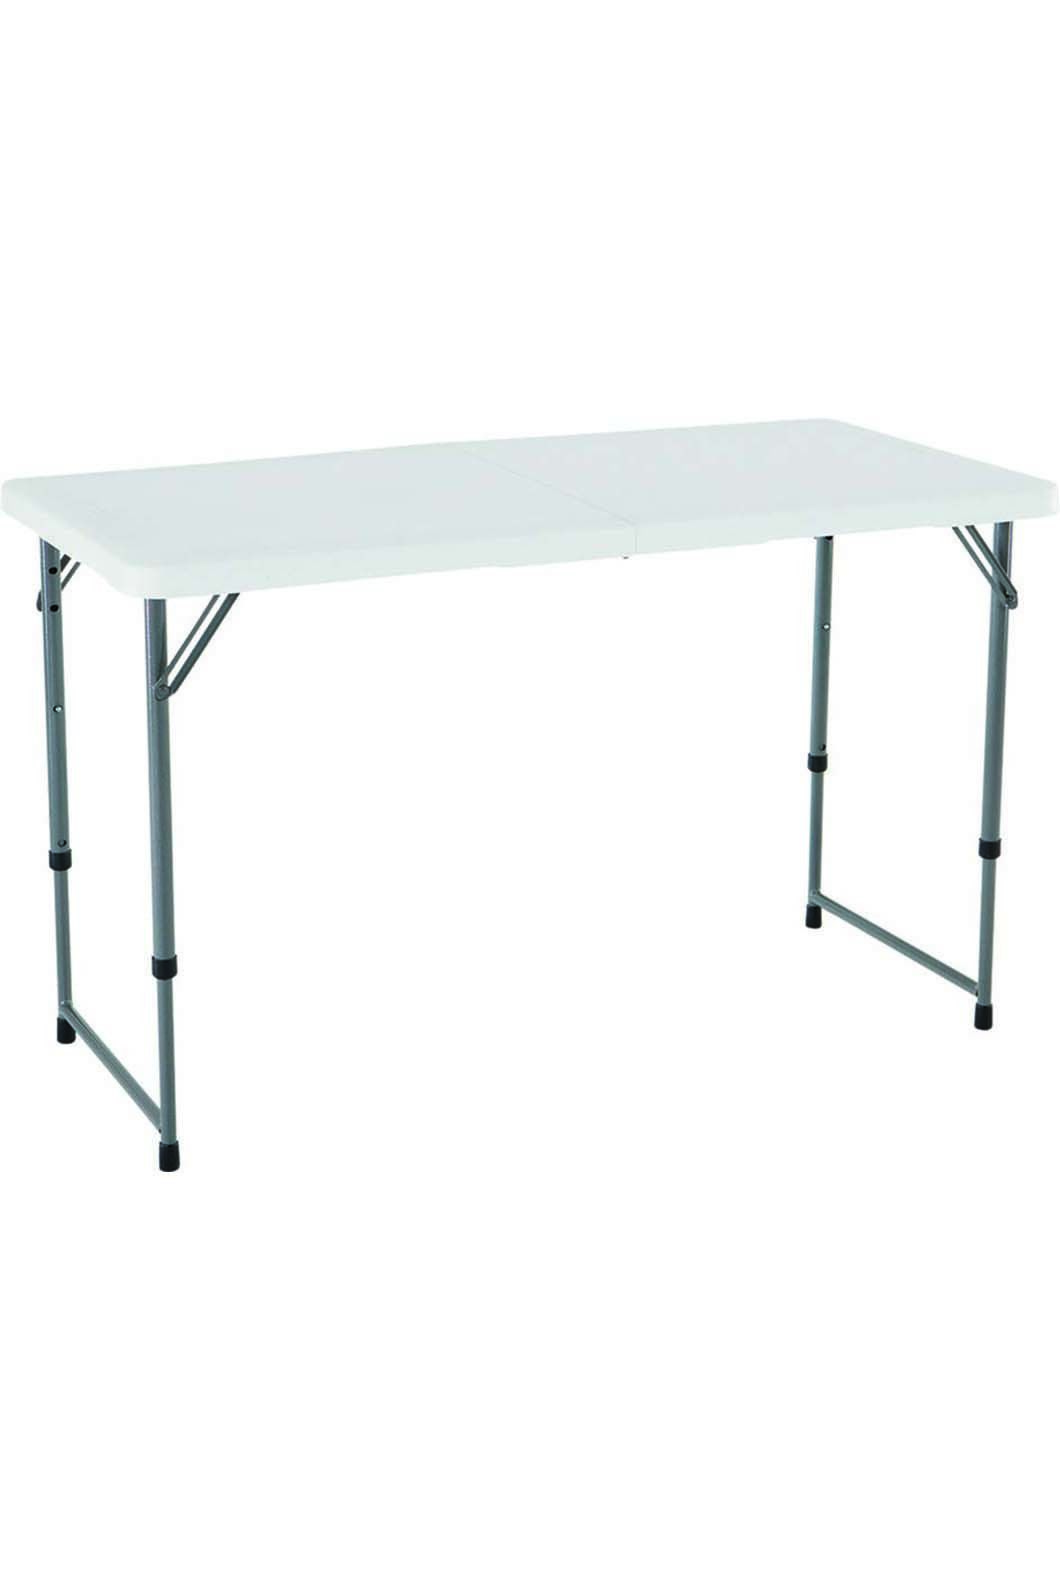 Lifetime Blow Mould Folding Table1cm, None, hi-res